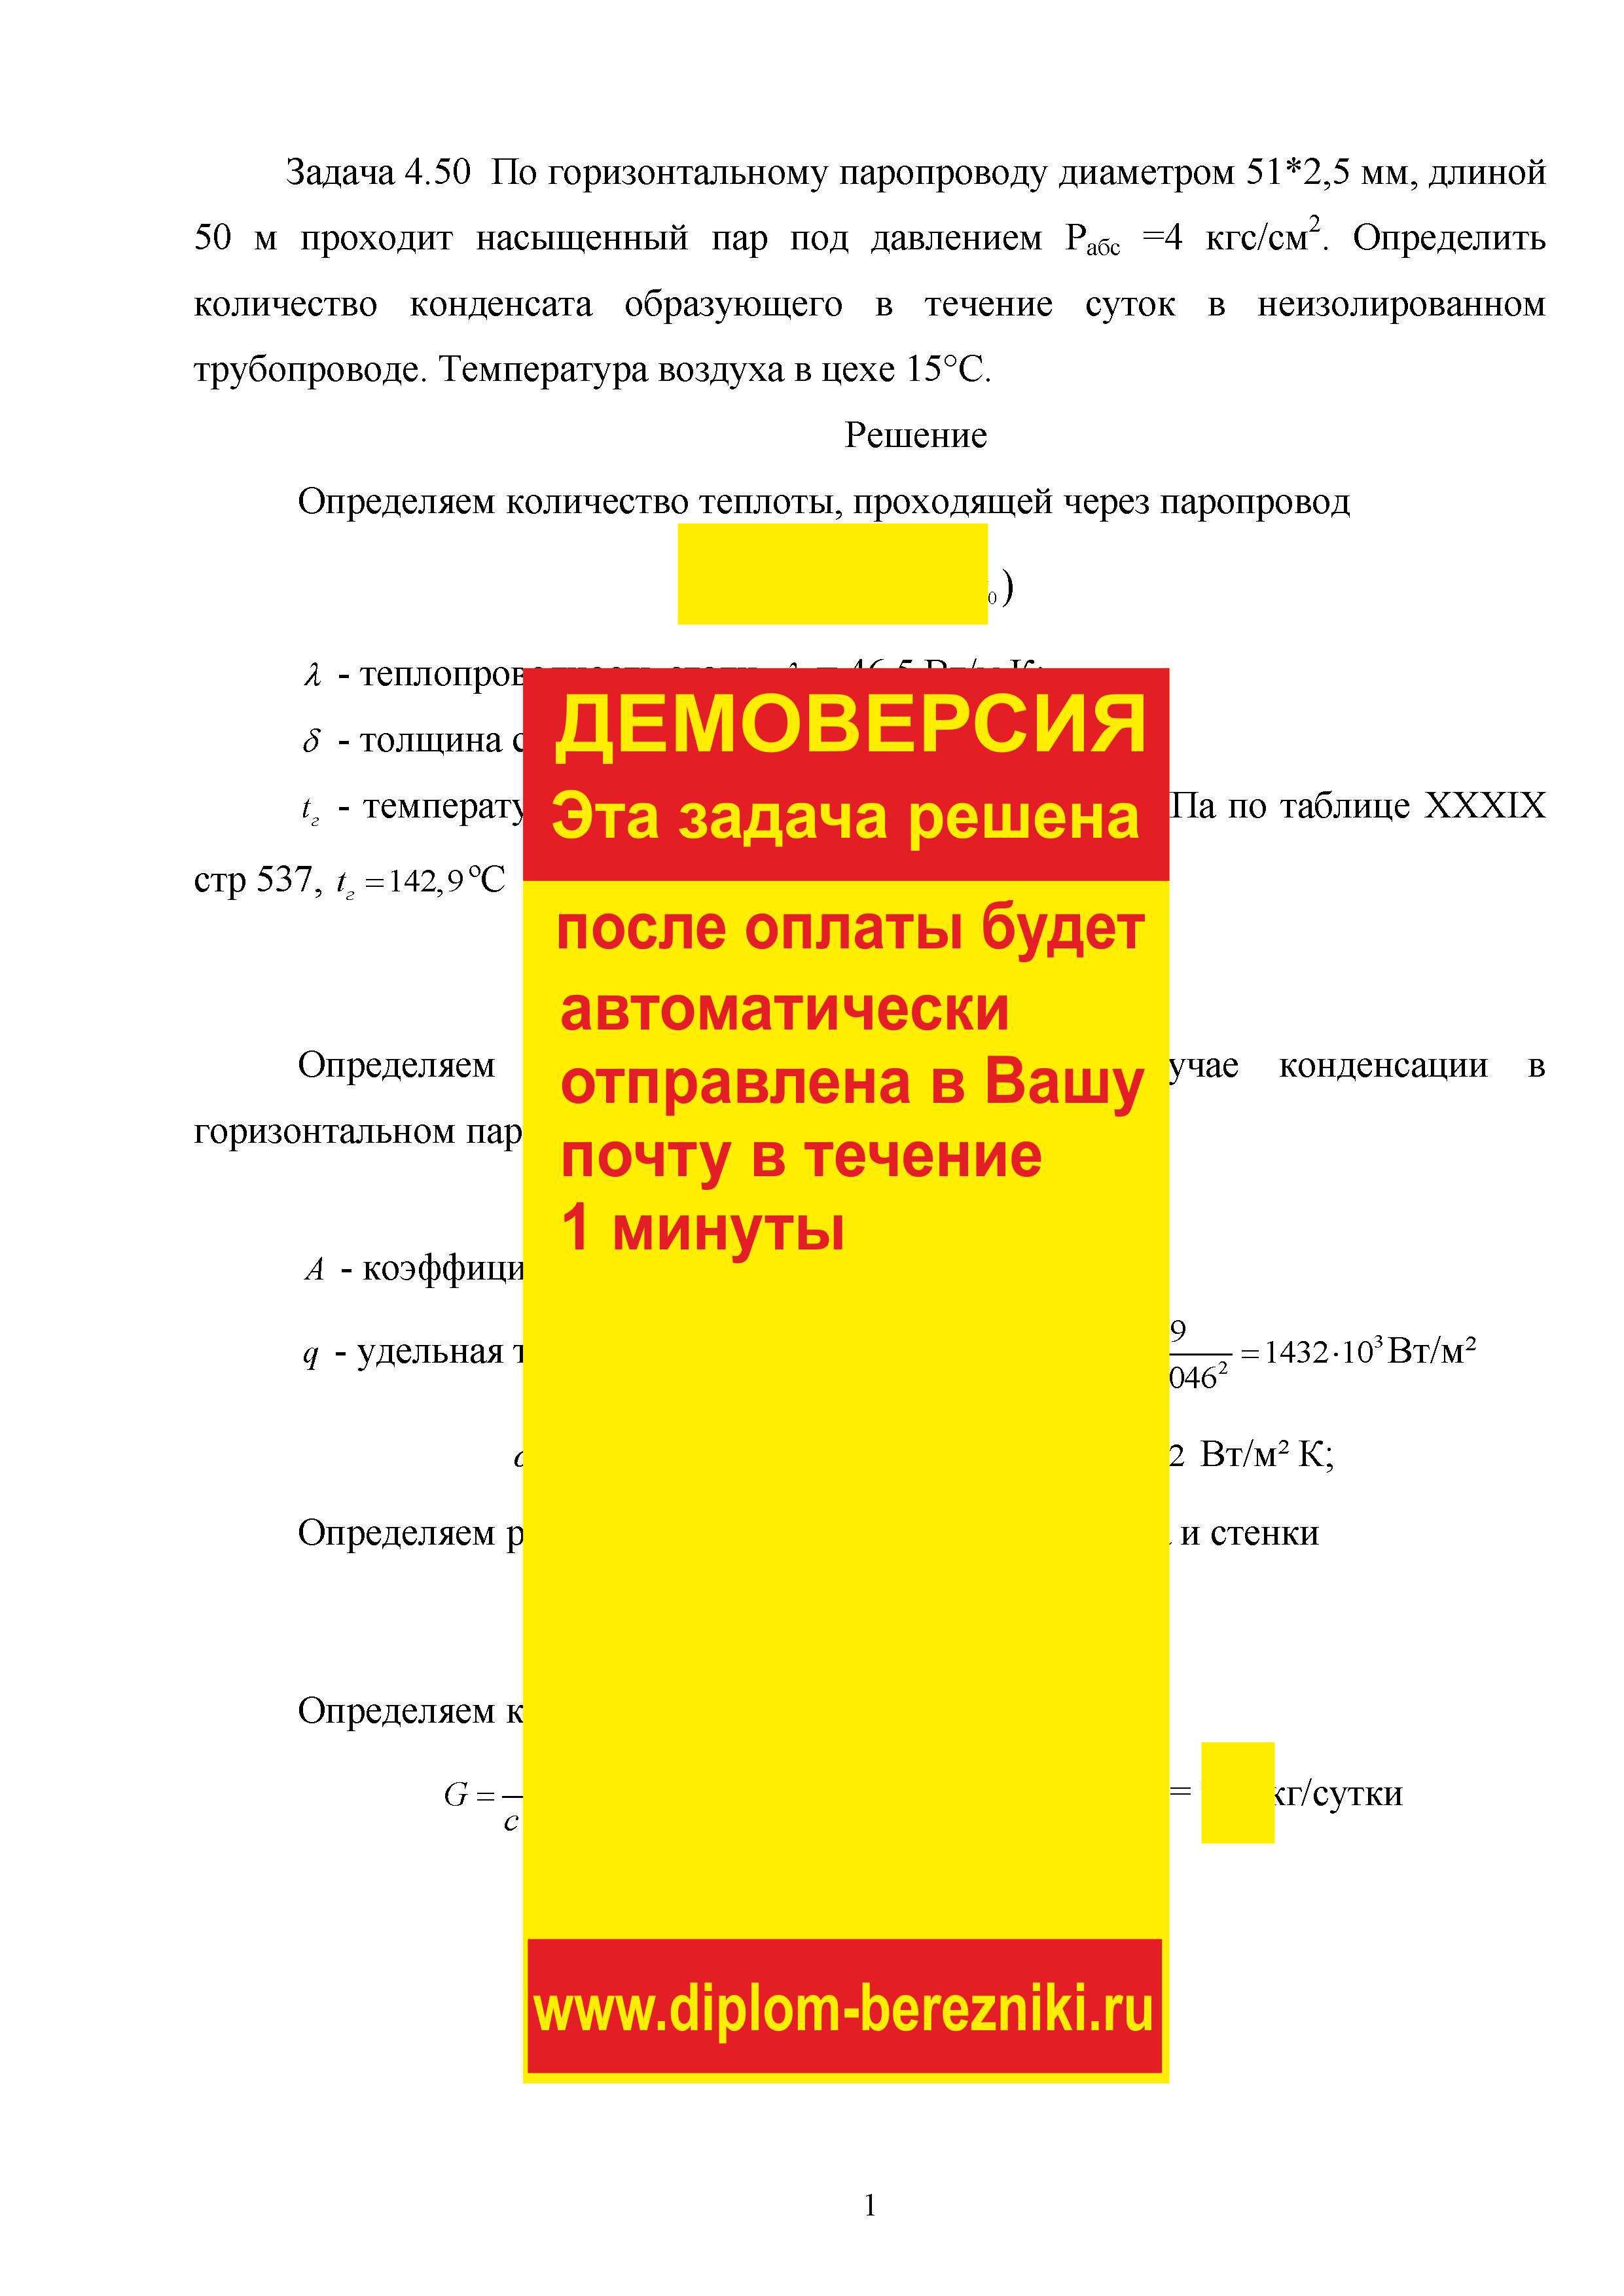 Решение задачи 4.50 по ПАХТ из задачника Павлова Романкова Носкова